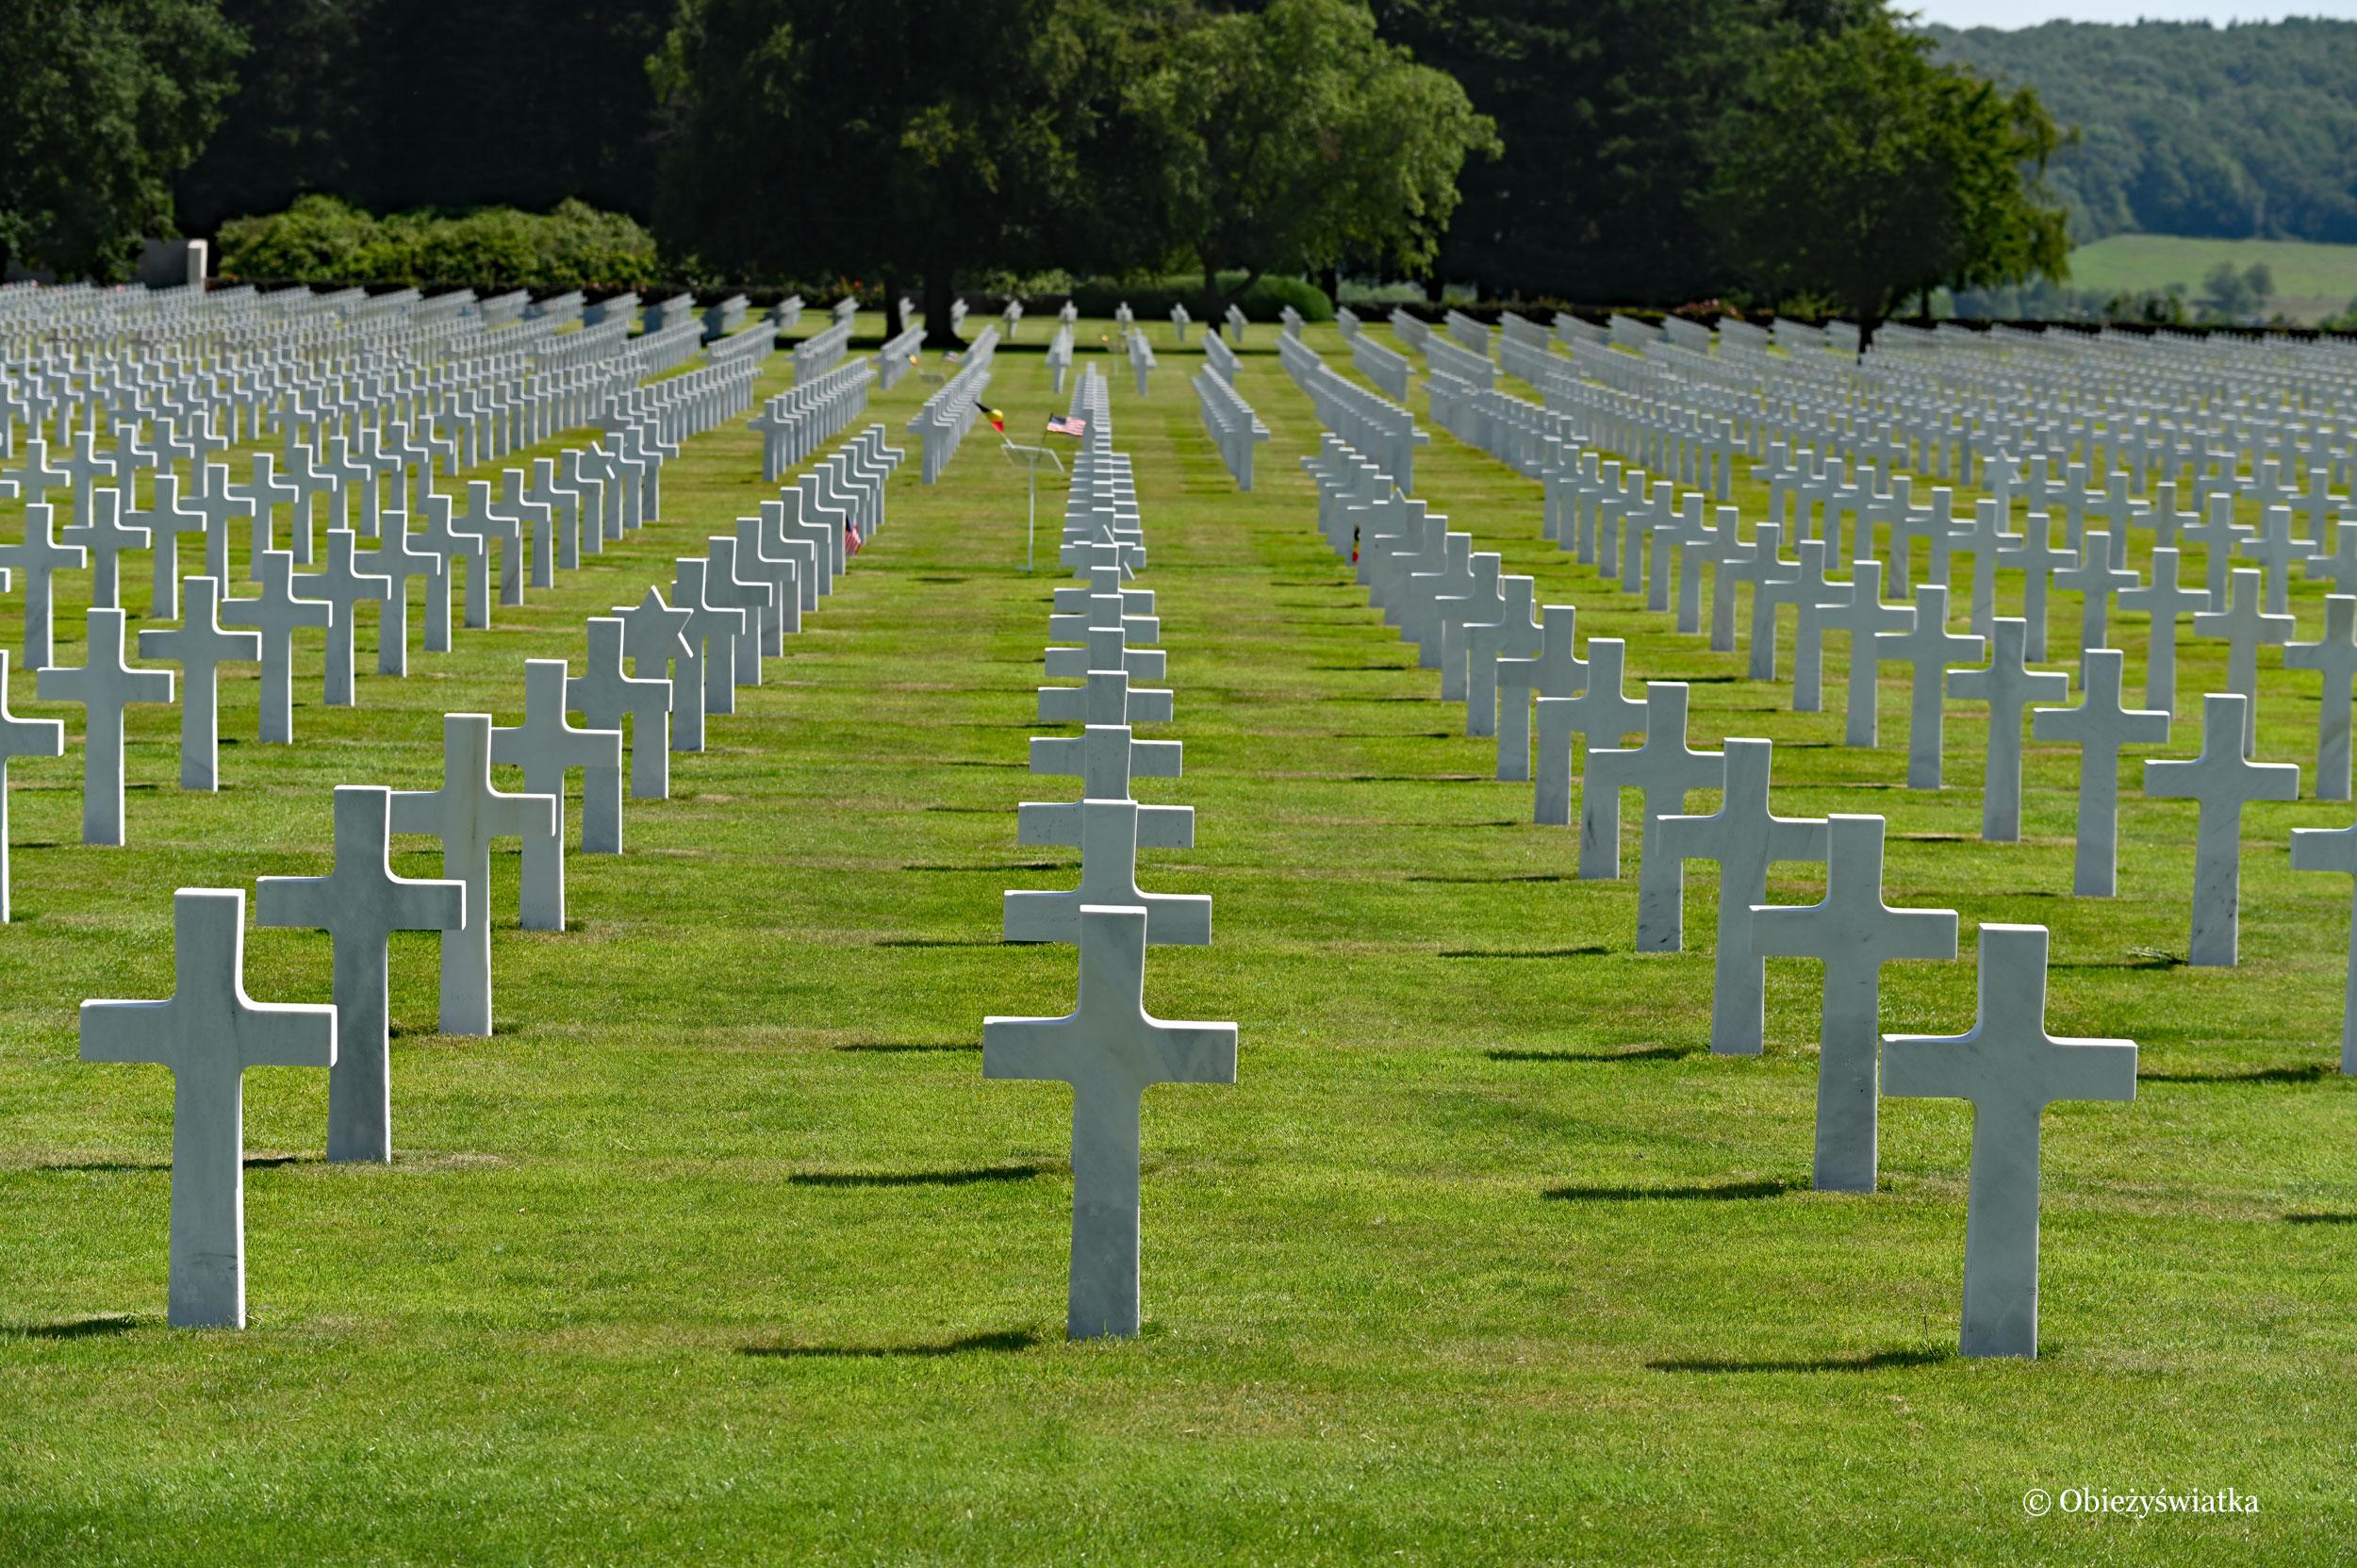 Białe krzyże... - groby amerykańskich żołnierzy, którzy zginęli w czasie II wojny światowej, Henri Chapelle, Belgia